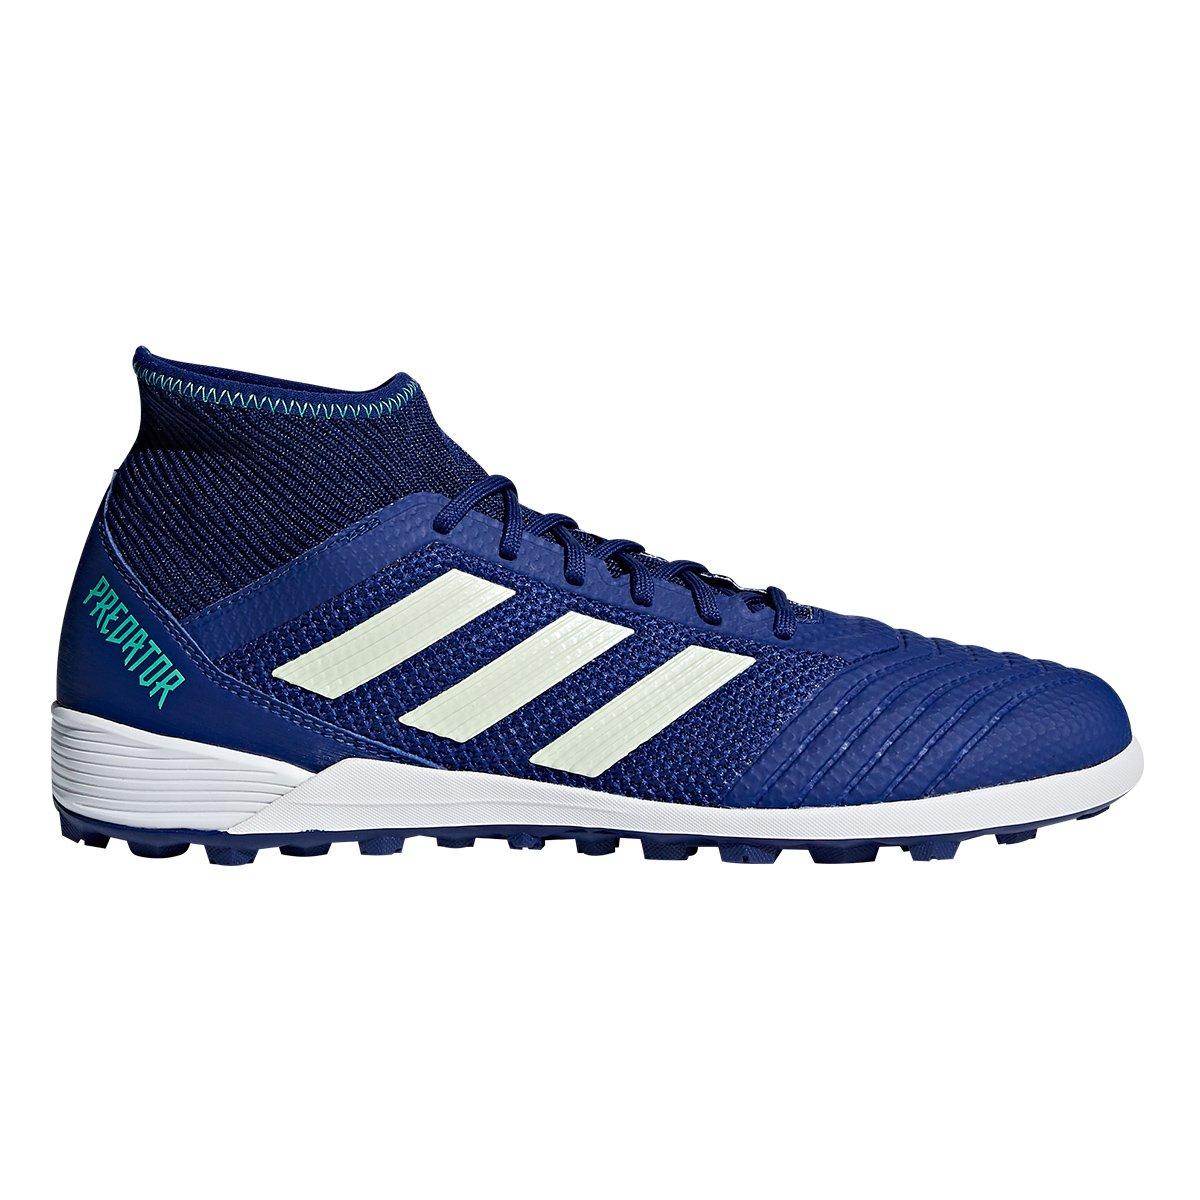 5844150124 Chuteira Society Adidas Predator 18 3 TF